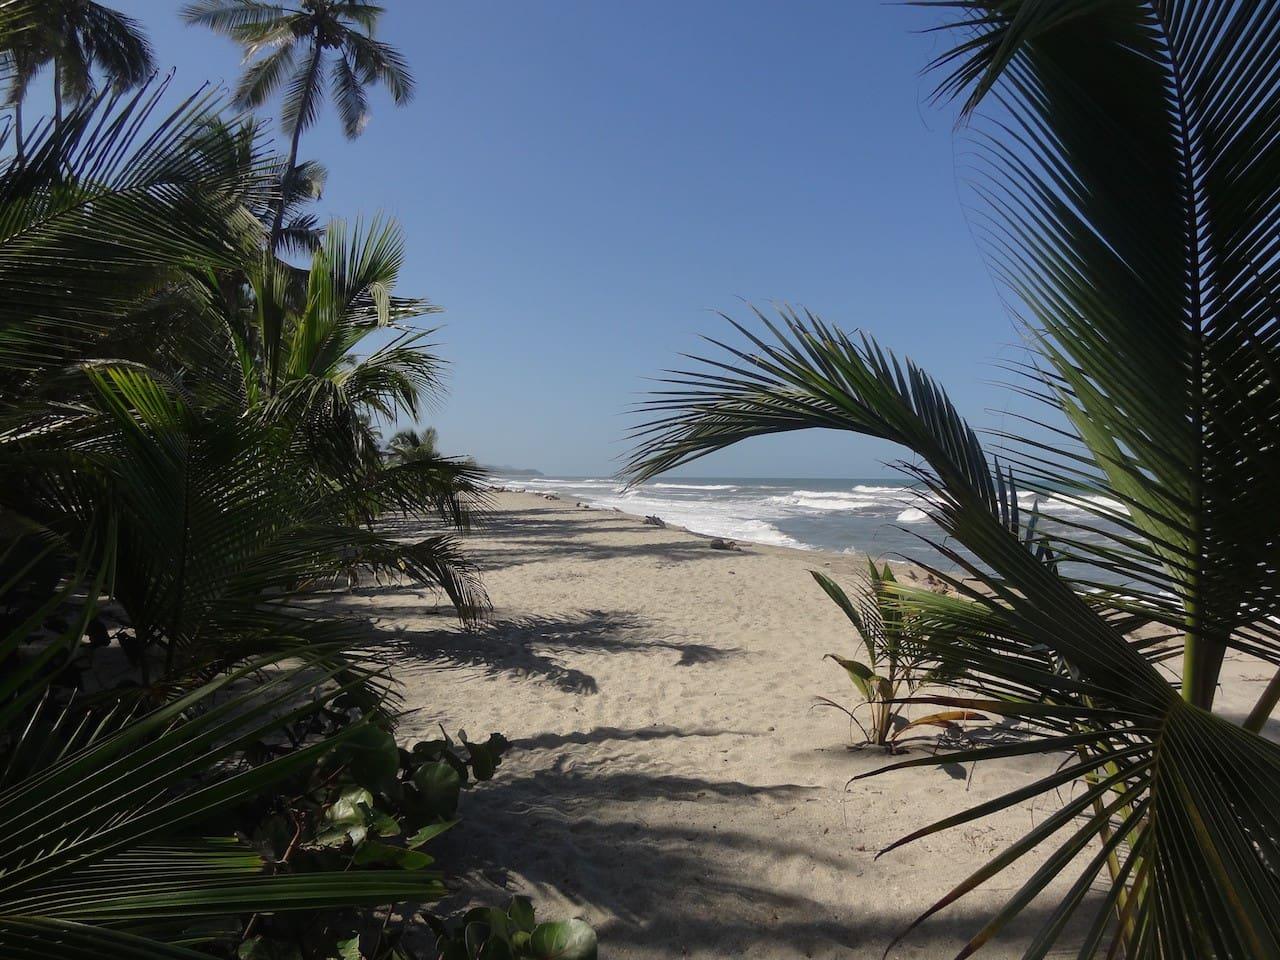 Playa en el mar caribe.